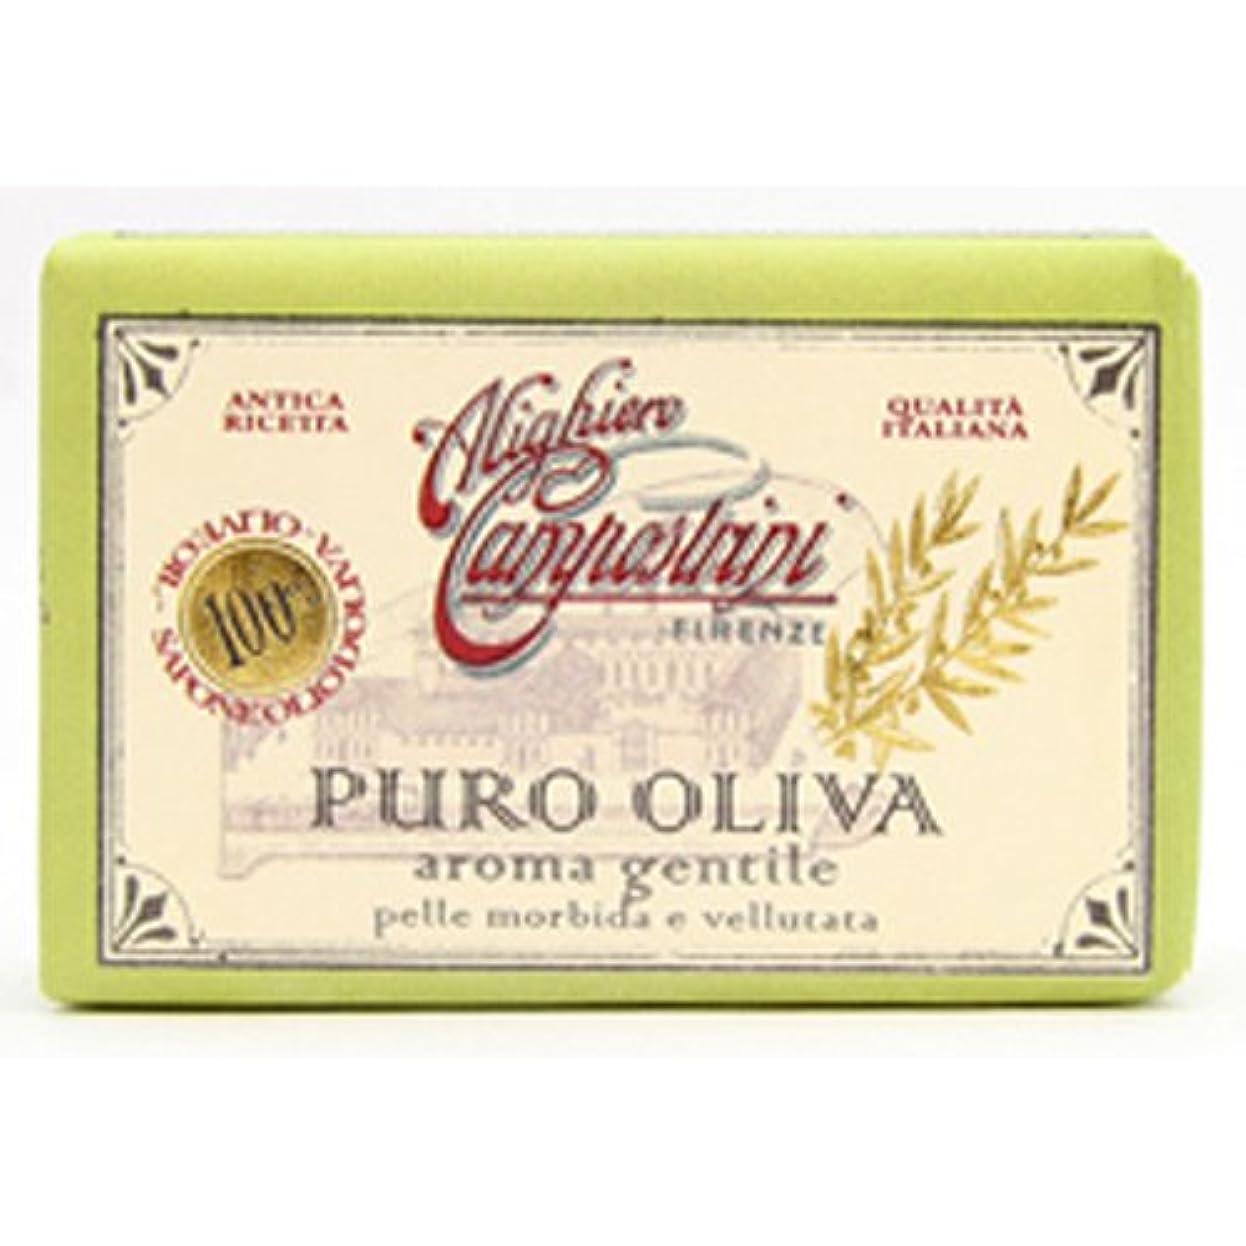 裏切り間欠私たち自身Saponerire Fissi サポネリーフィッシー PURO OLIVA Soap オリーブオイル ピュロ ソープ Aroma gentile ジェントル(グリーン)